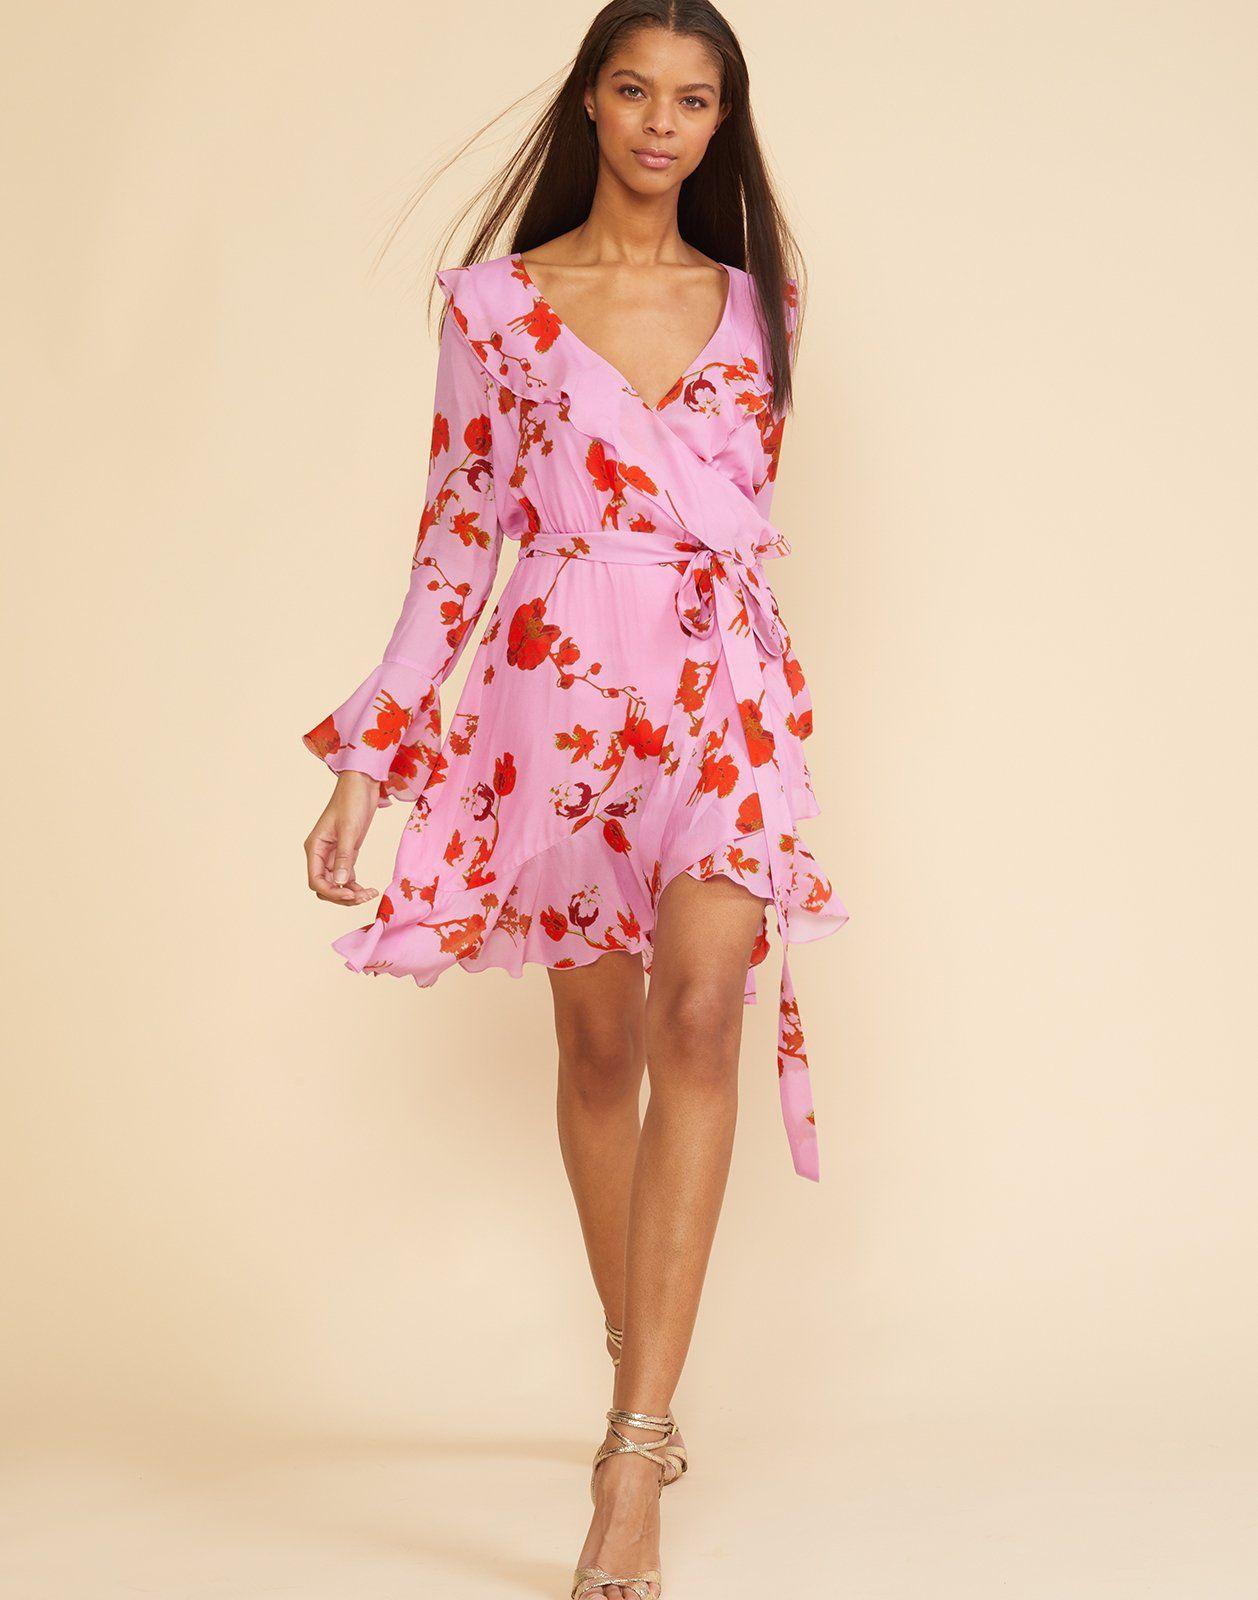 Malibu Ruffle Mini Dress | Pinterest